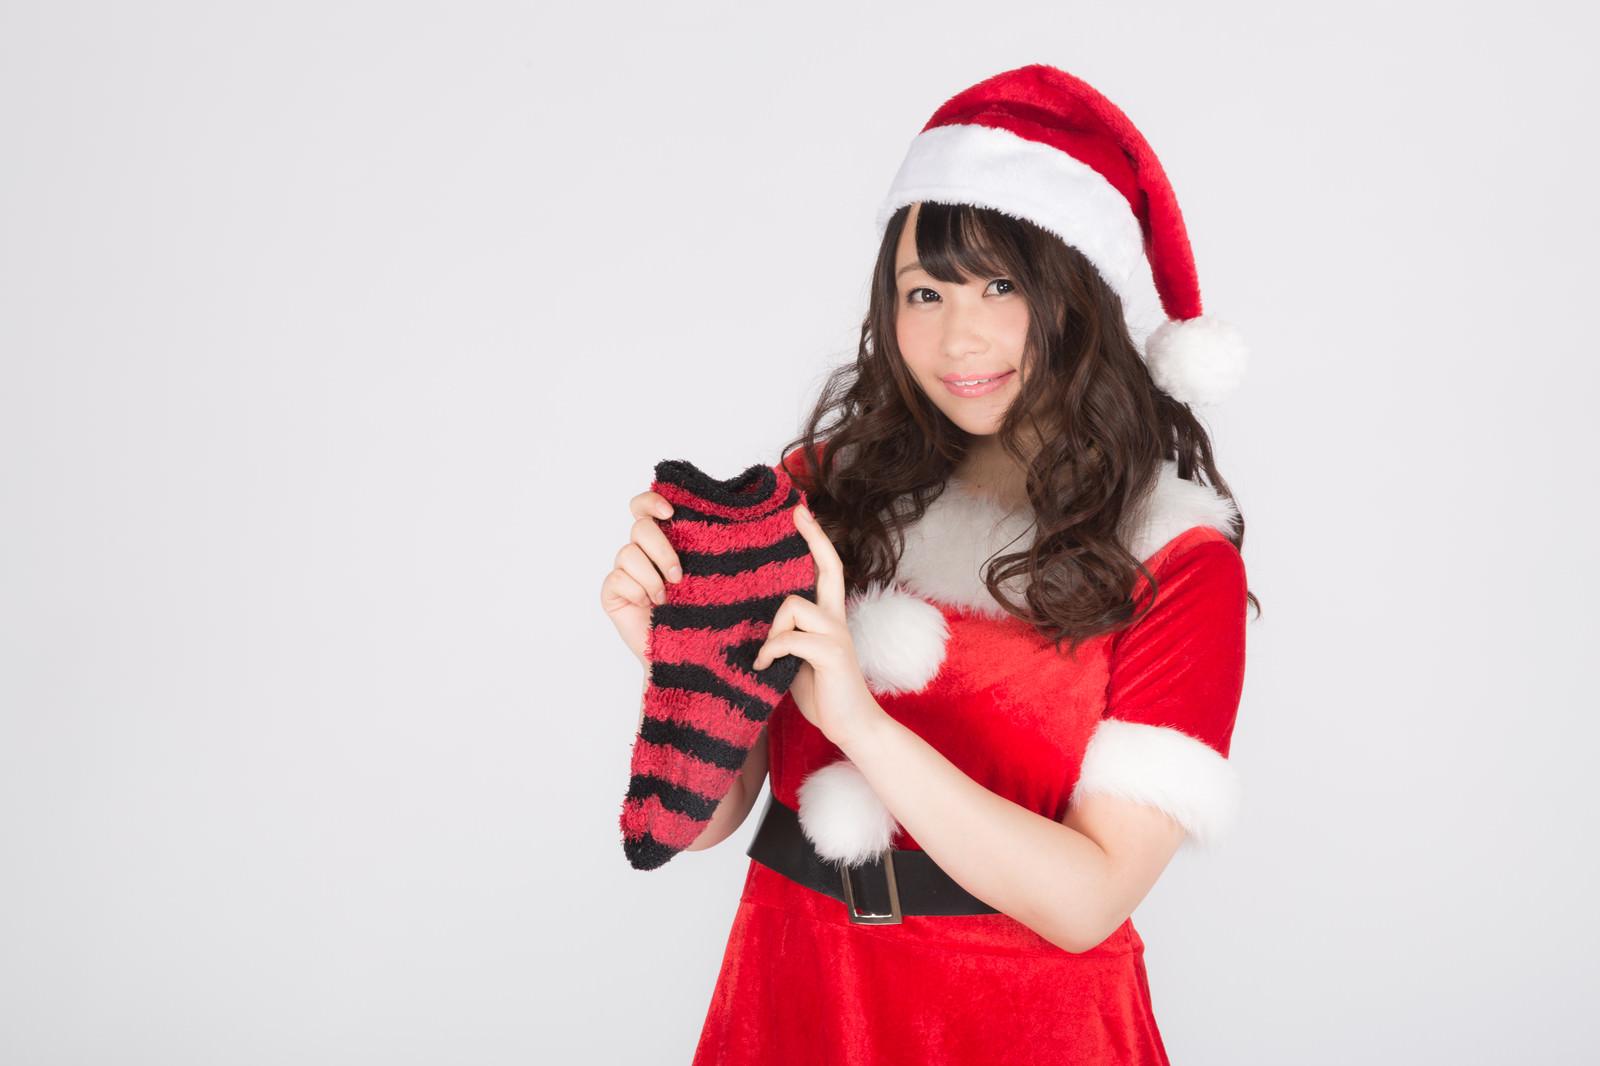 「クリスマスソックスと女性サンタ」の写真[モデル:茜さや]